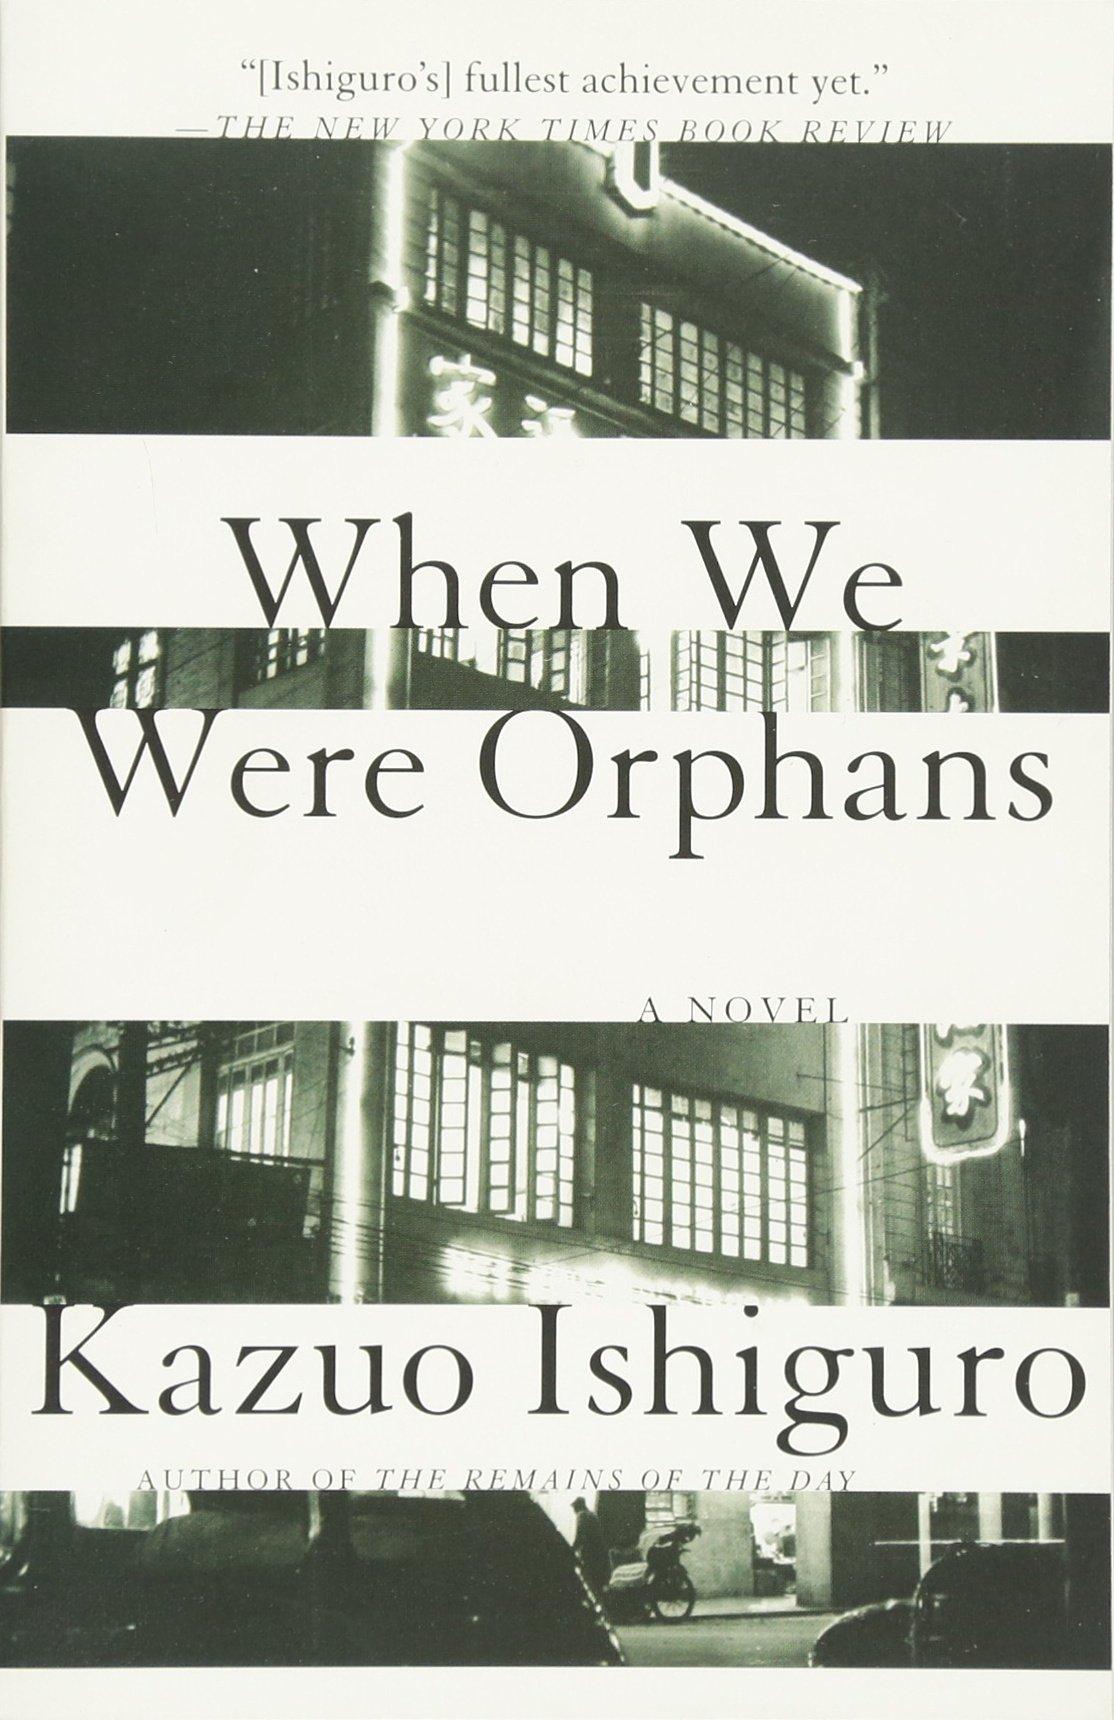 When We Were Orphans: A Novel: Kazuo Ishiguro: 9780375724404: Amazon:  Books